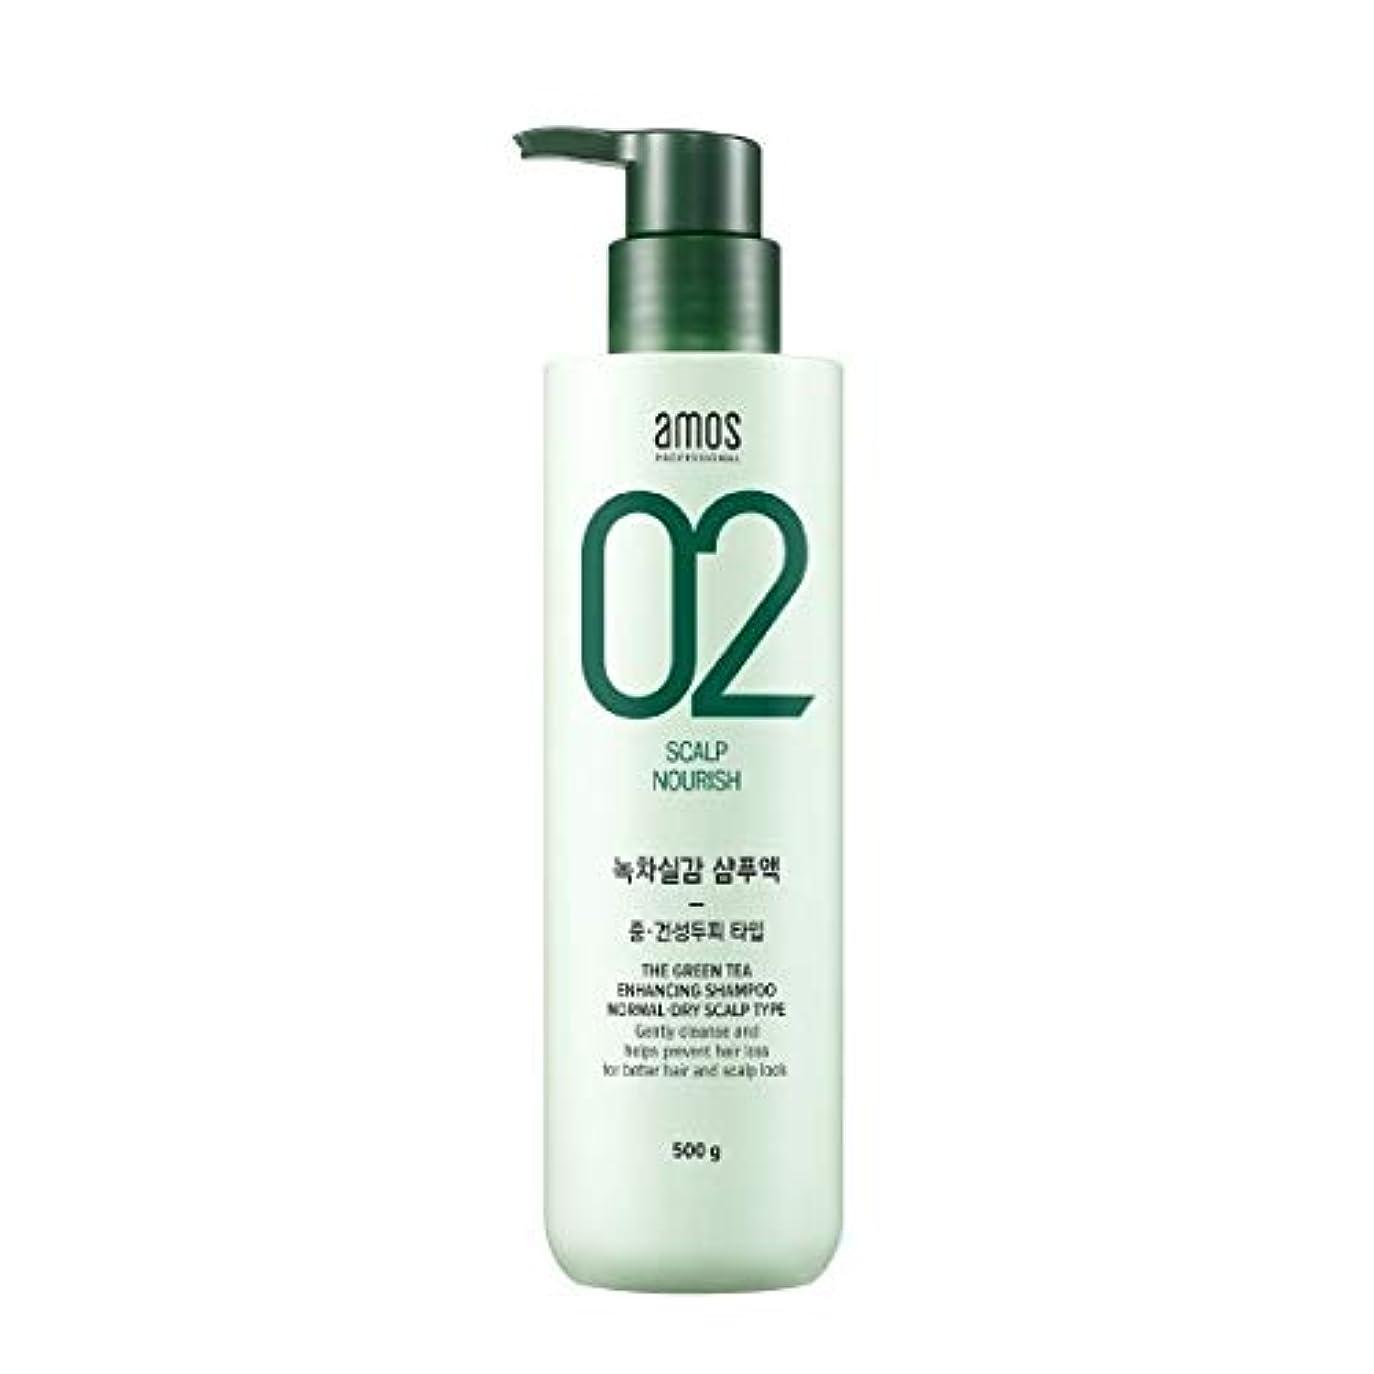 水族館リングバック殺すAmos Green Tea Enhancing Shampoo - Normal, Dry 500g / アモス ザ グリーンティー エンハンシング シャンプー # ノーマルドライ スカルプタイプ [並行輸入品]